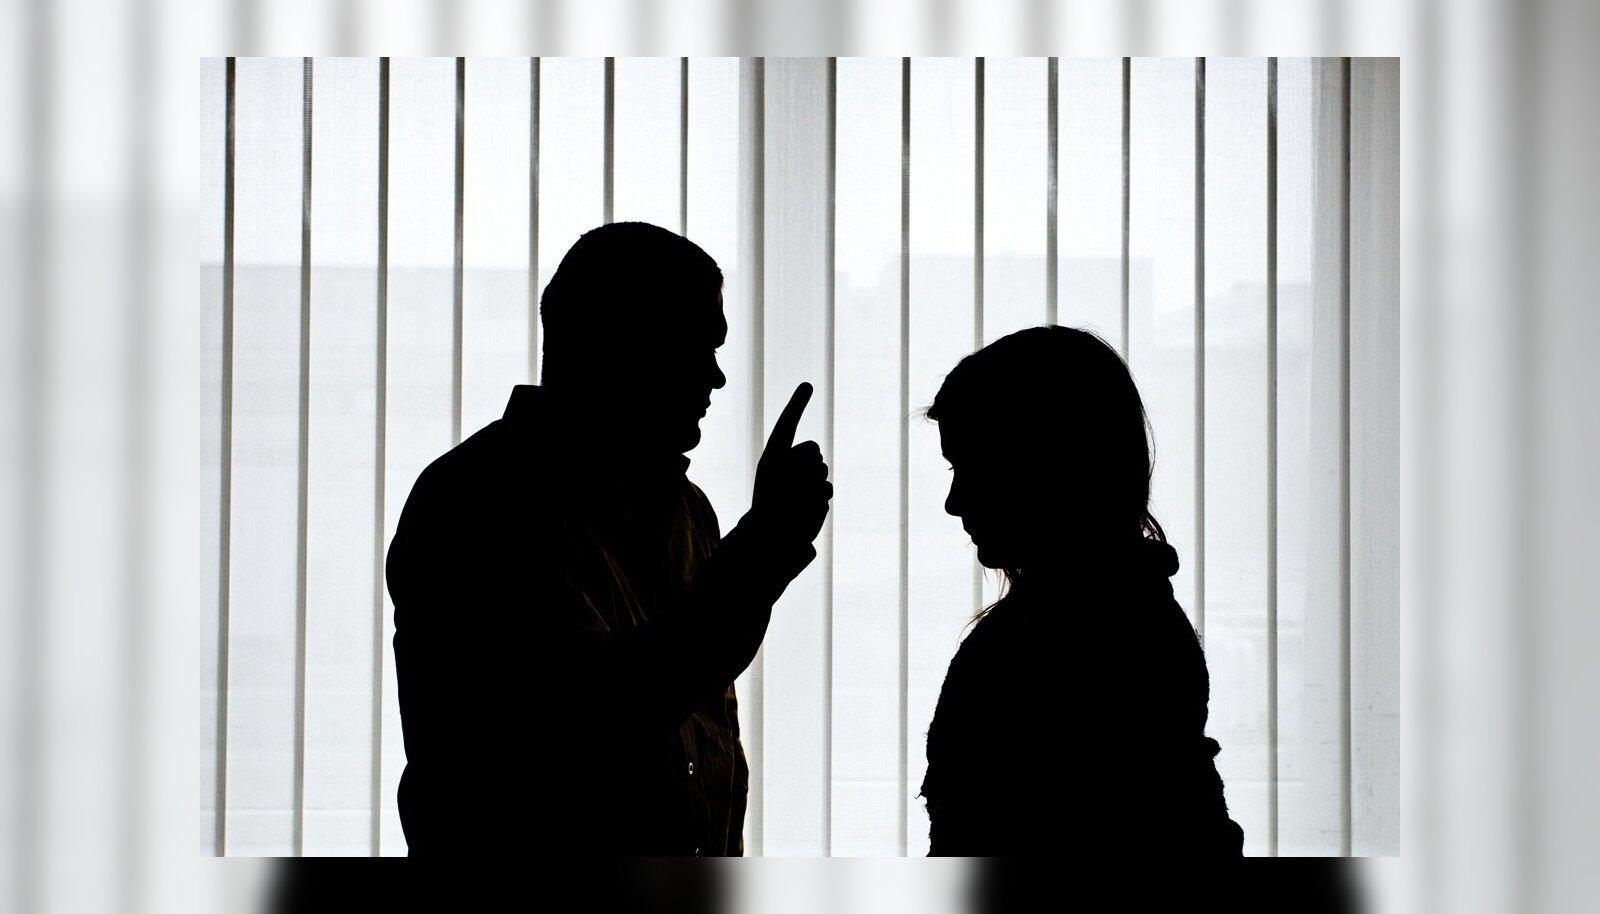 TERAV KÜSIMUS   Kas alluv peab juhile kuuletuma või vastu hakkama?